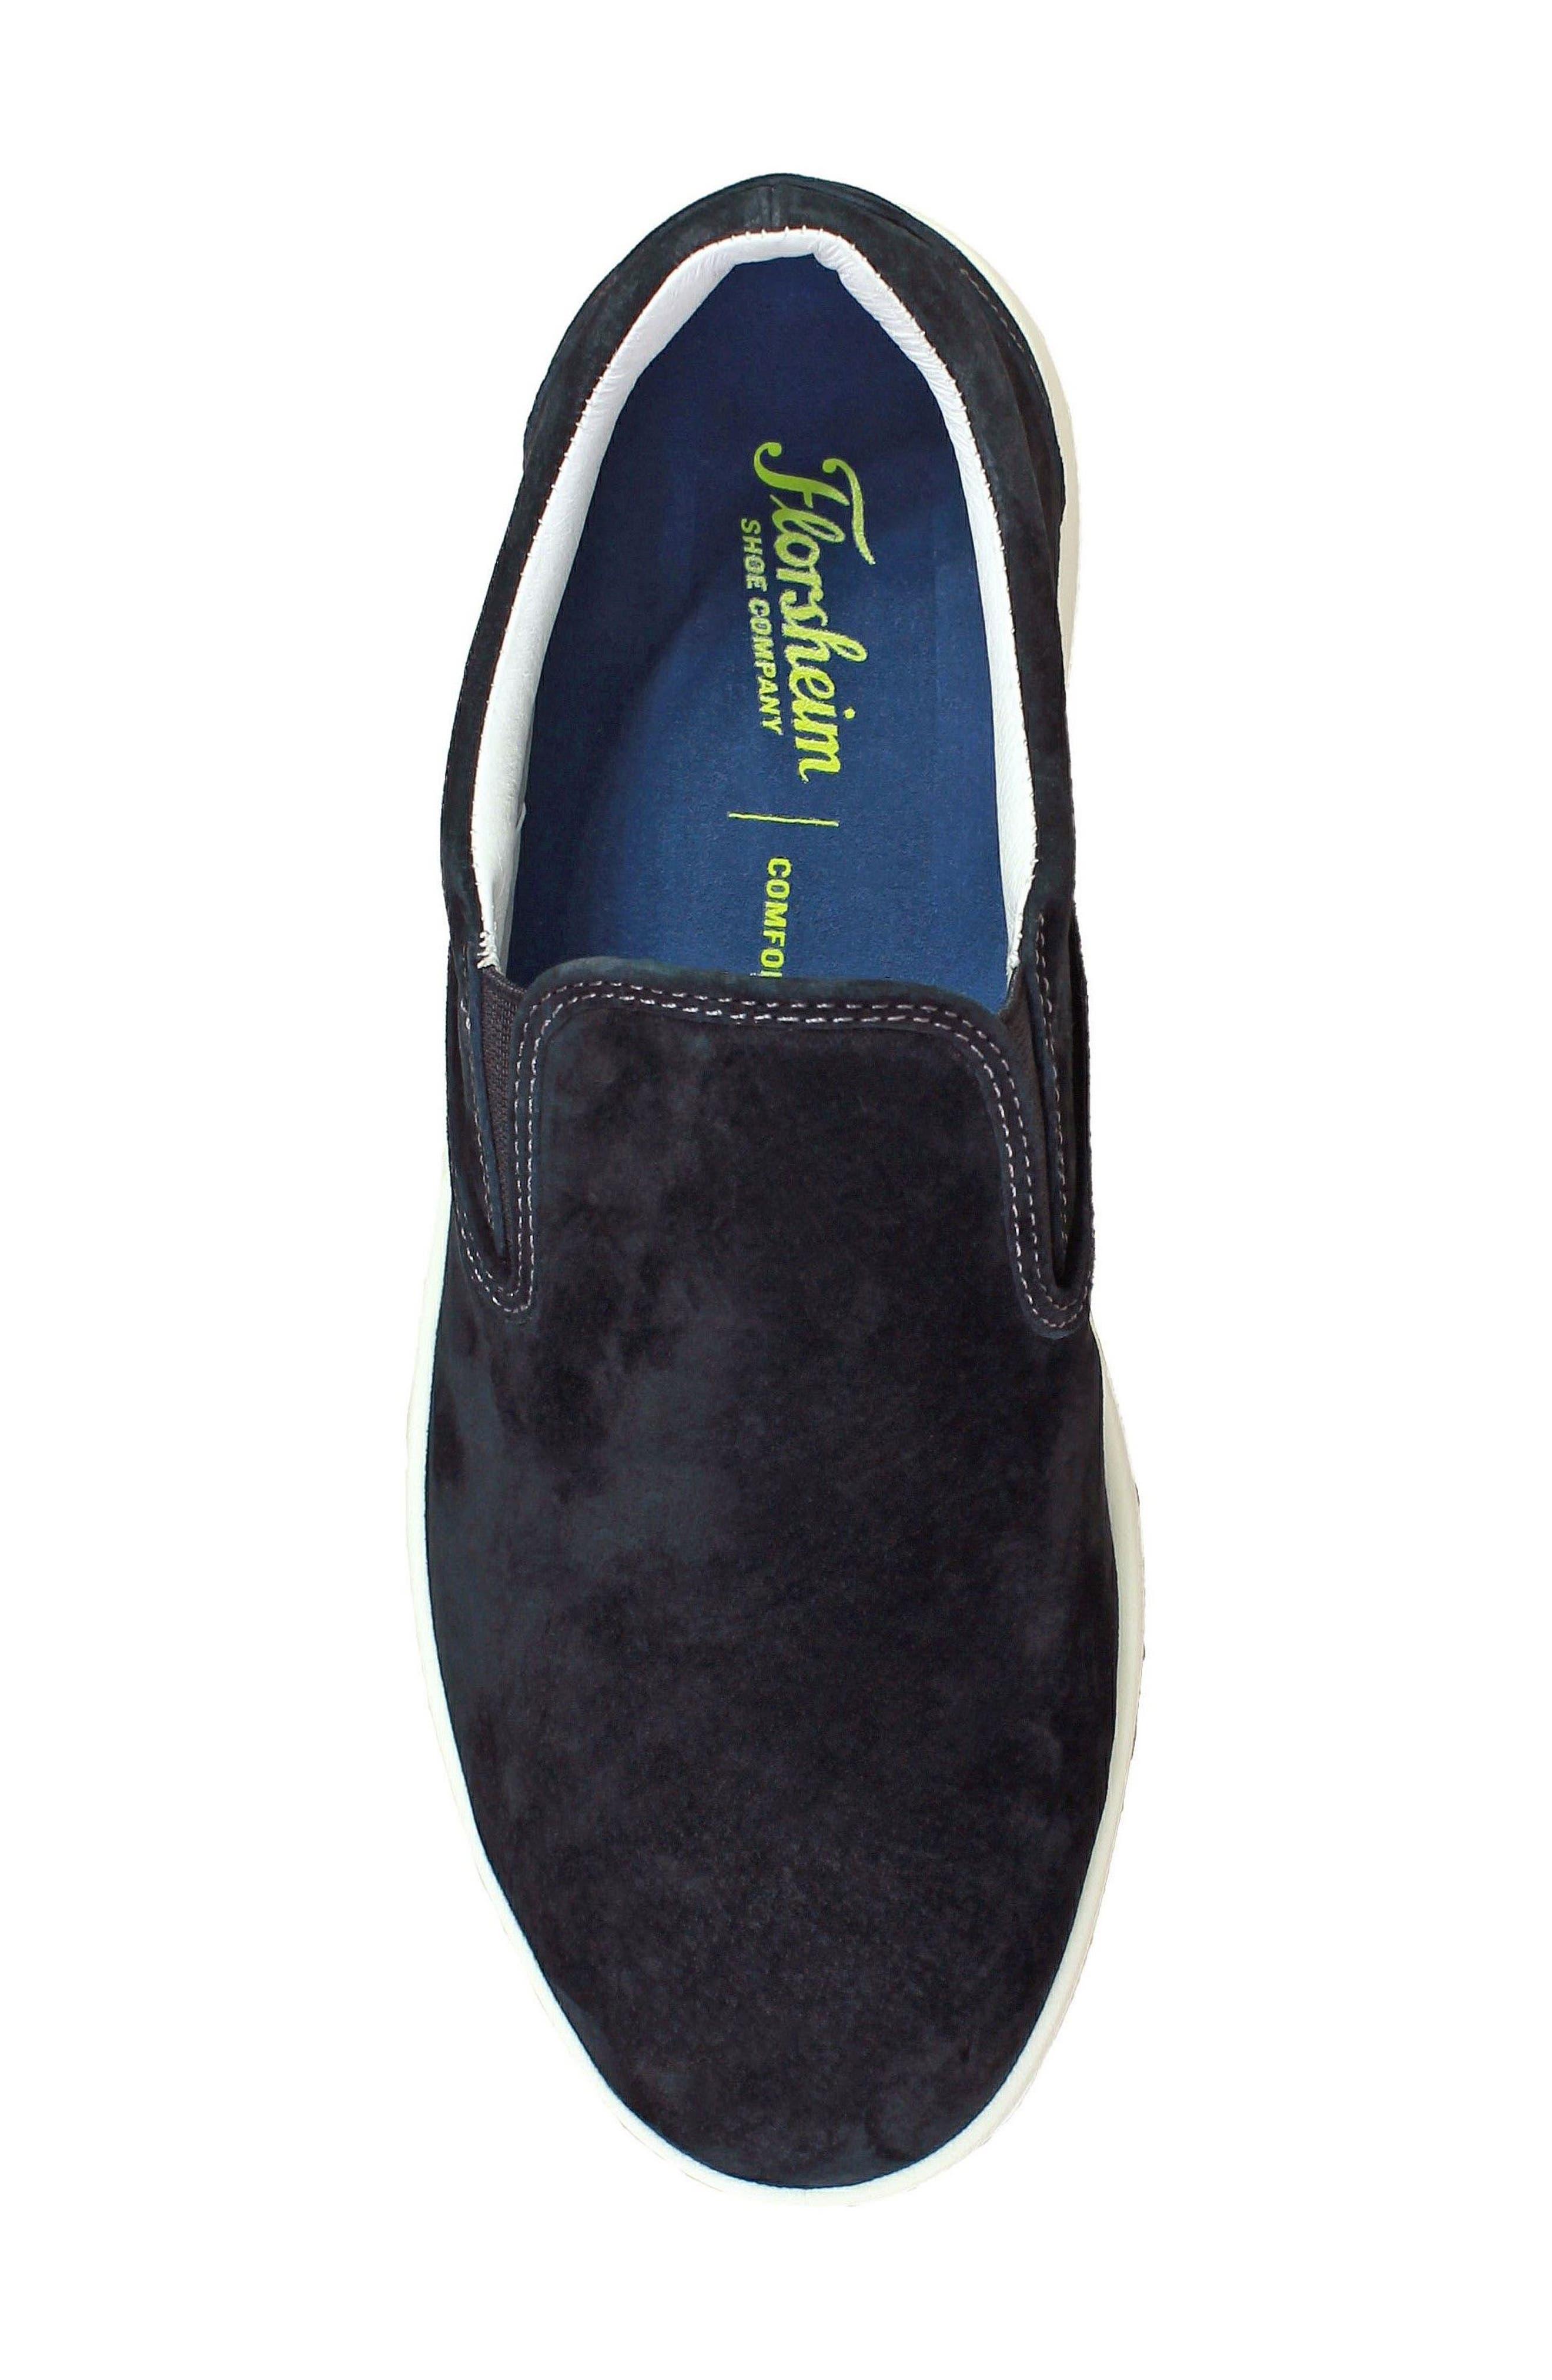 FLORSHEIM,                             Edge Slip-On Sneaker,                             Alternate thumbnail 5, color,                             001